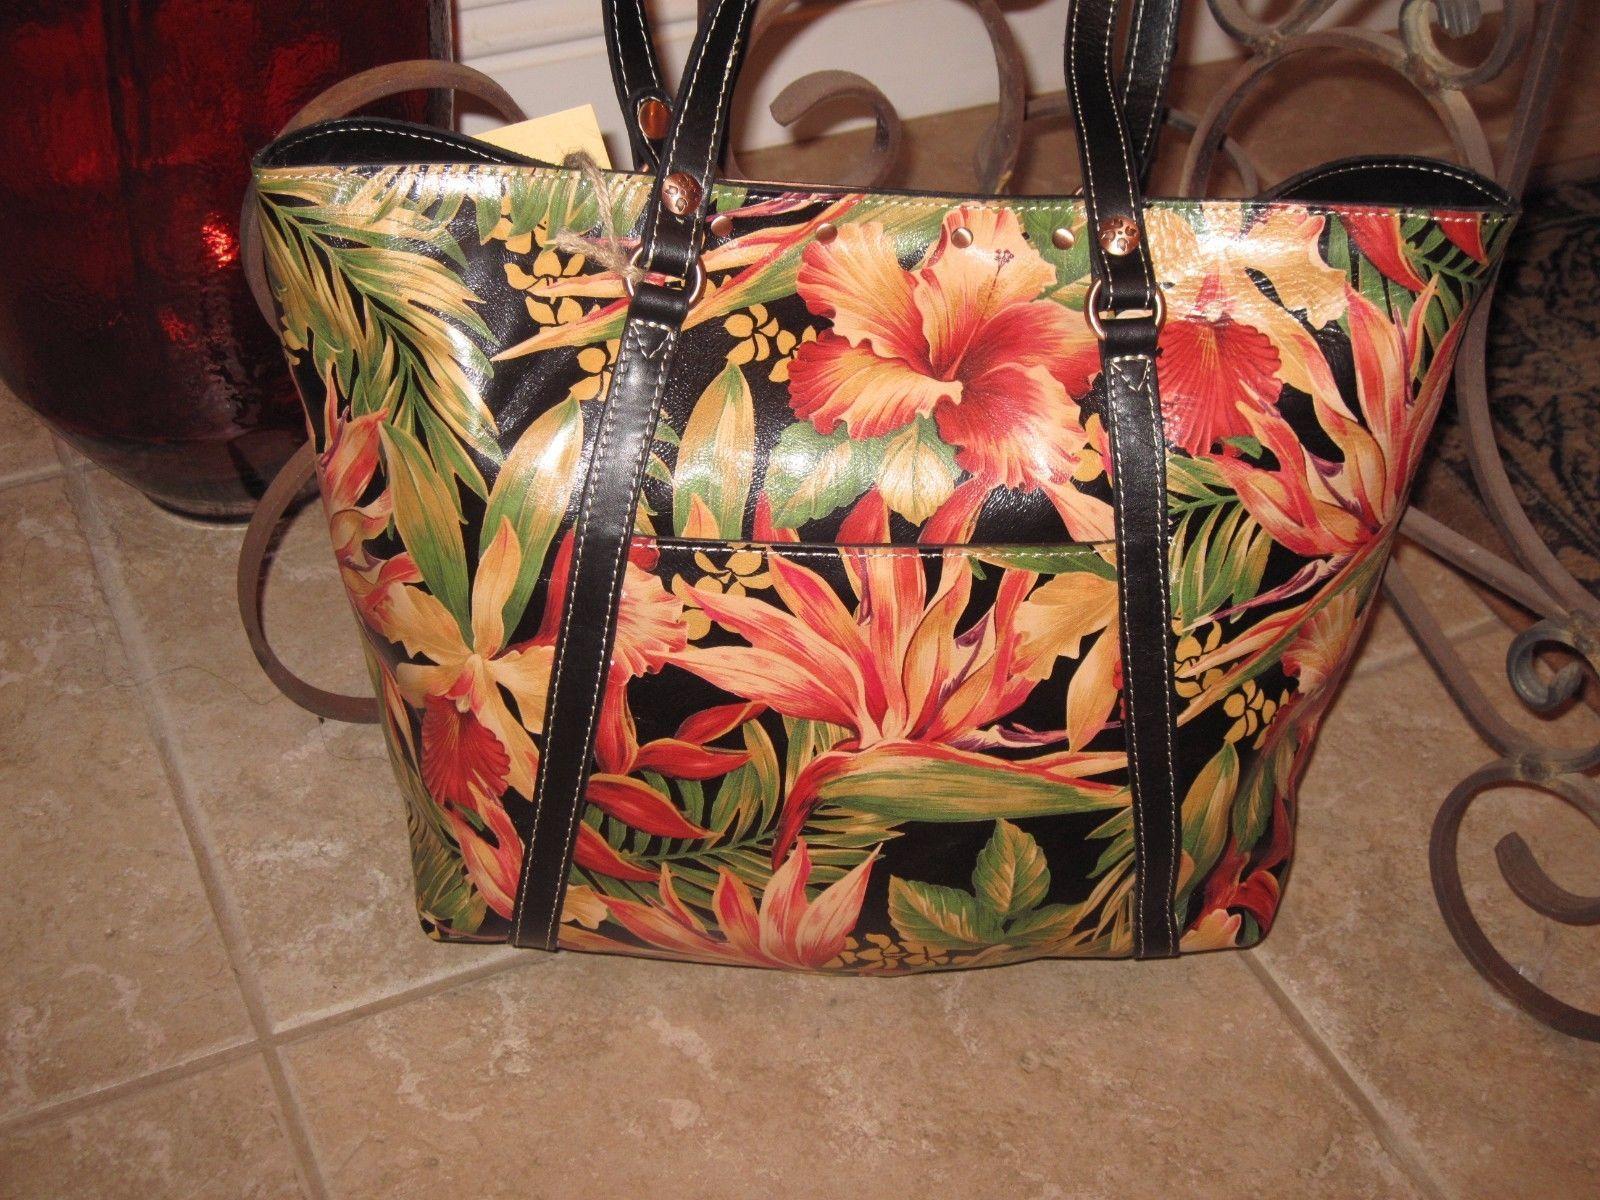 80c8e57d4 Nwt Patricia Nash Benvenuto Cuban Tropical and 50 similar items. S l1600